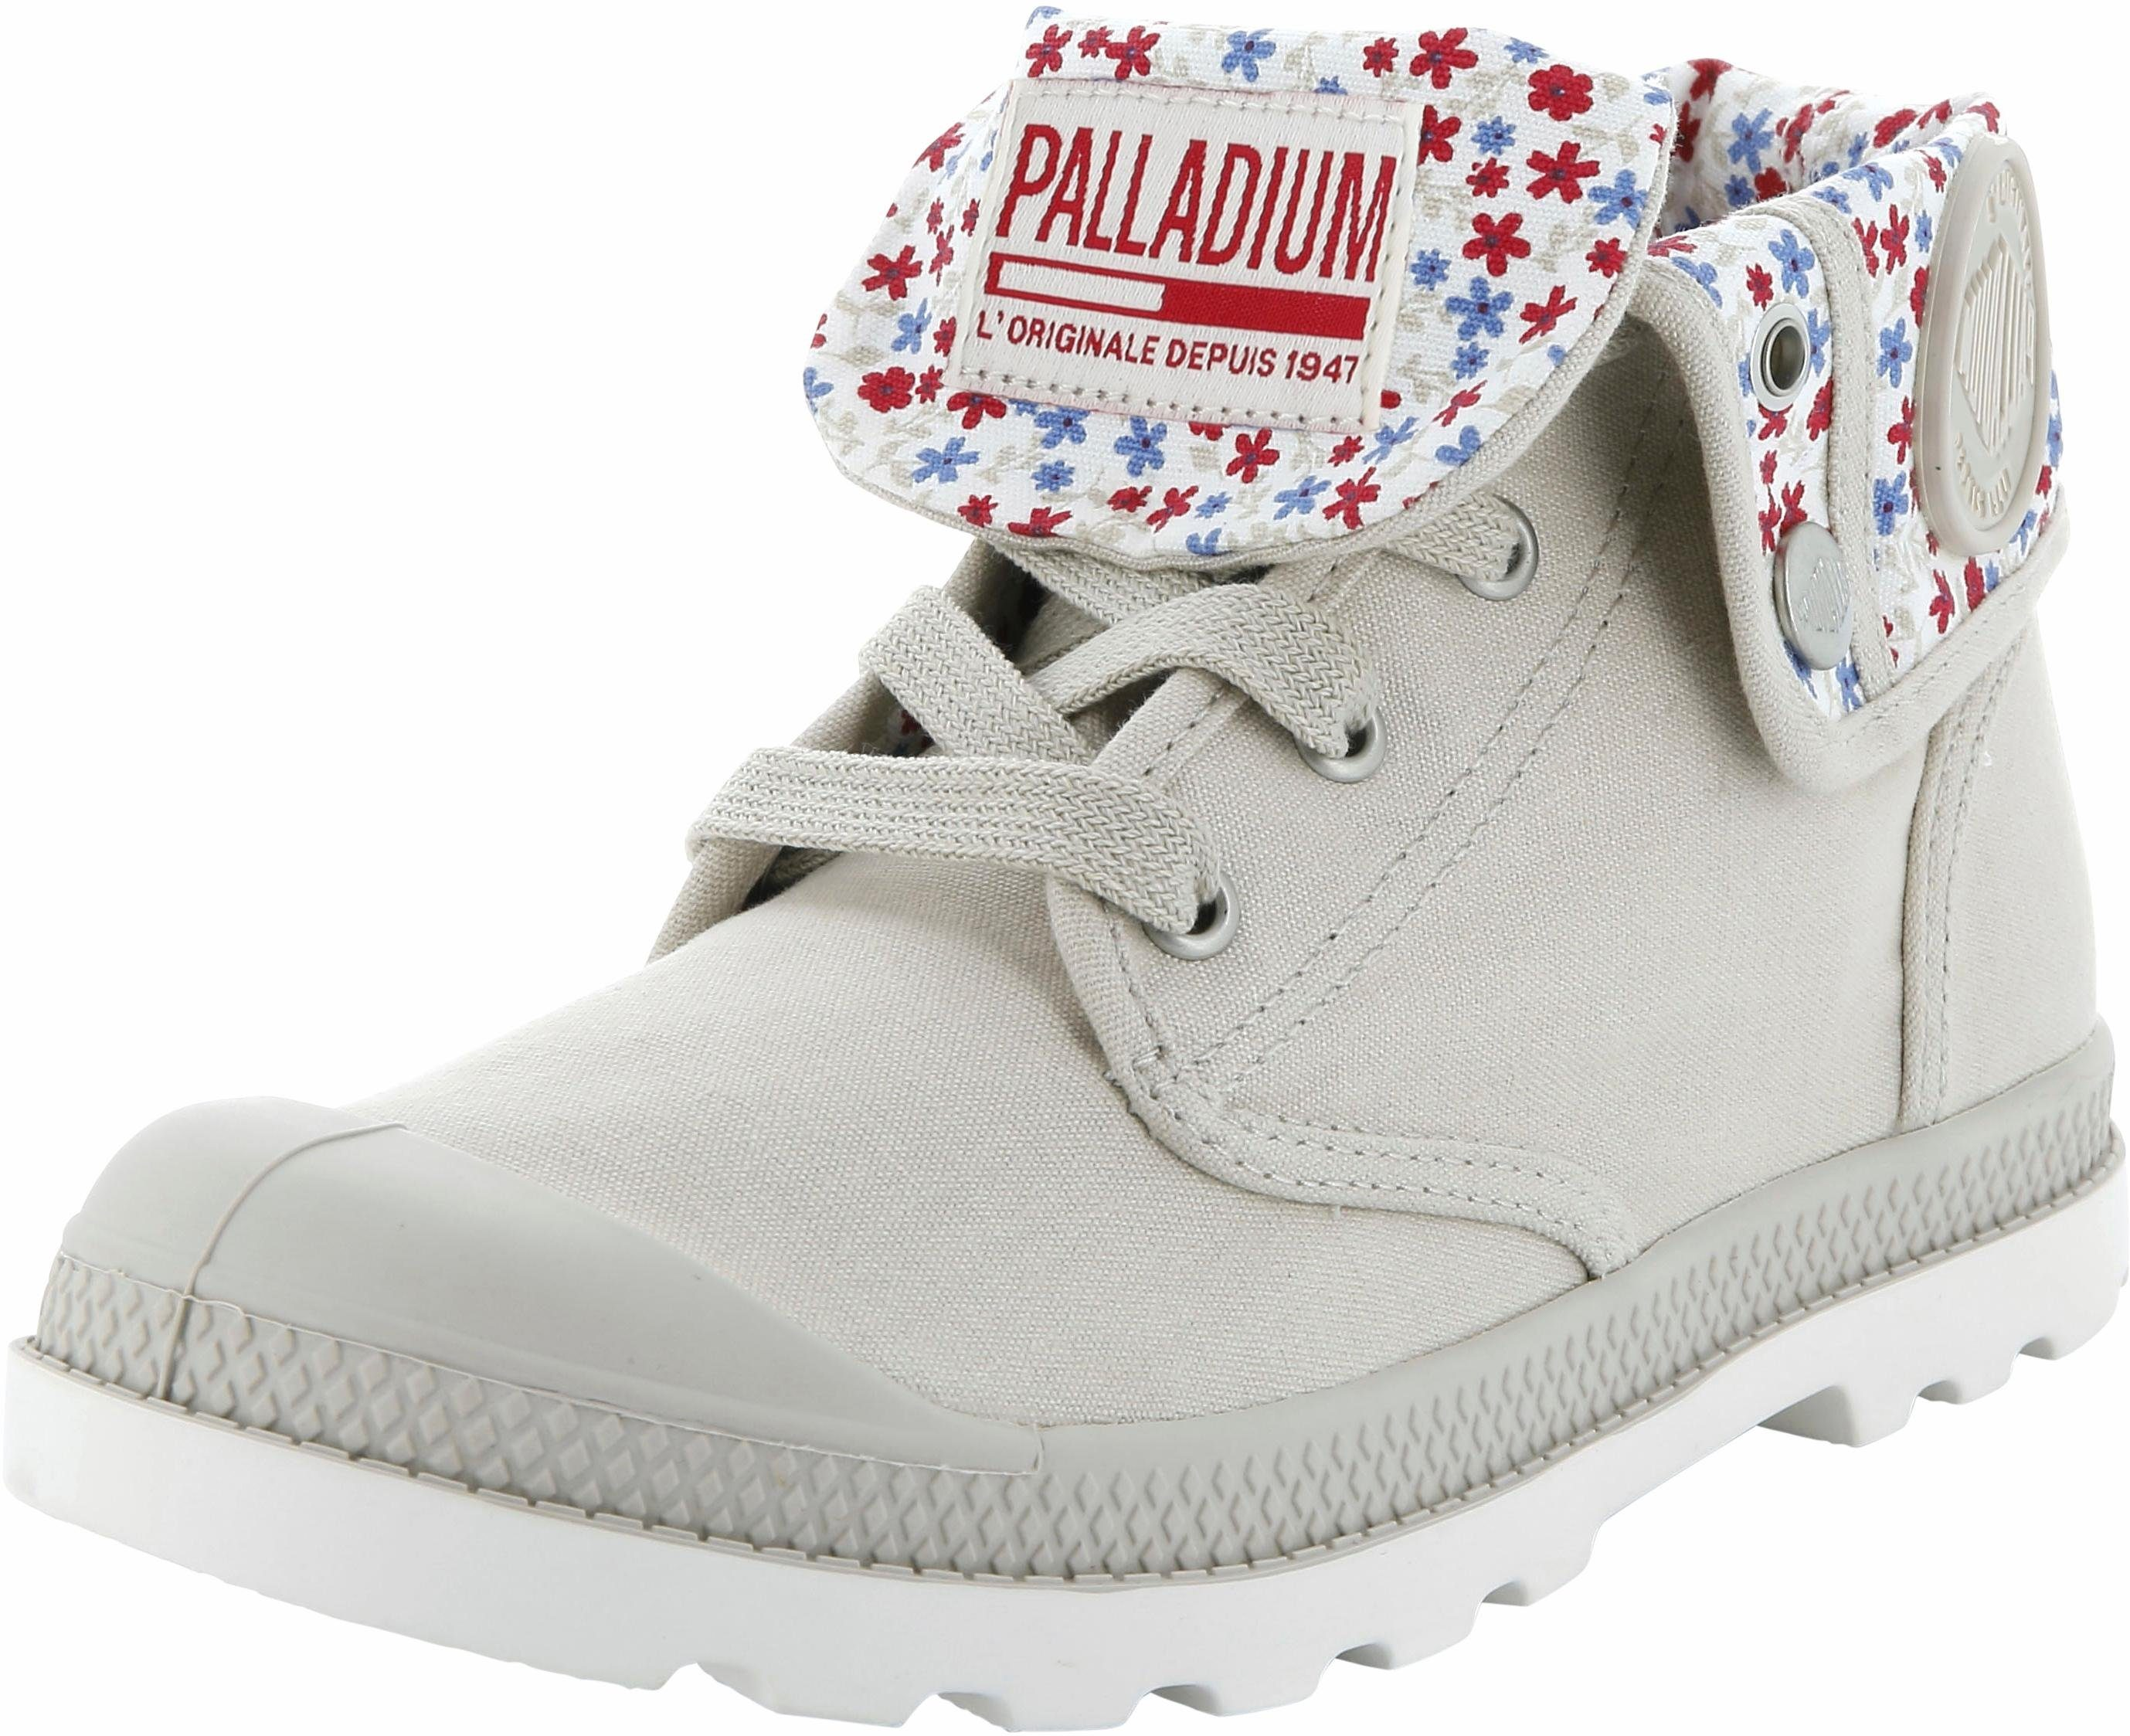 Palladium Baggy Low LP Ankleboots online kaufen  hellgrau